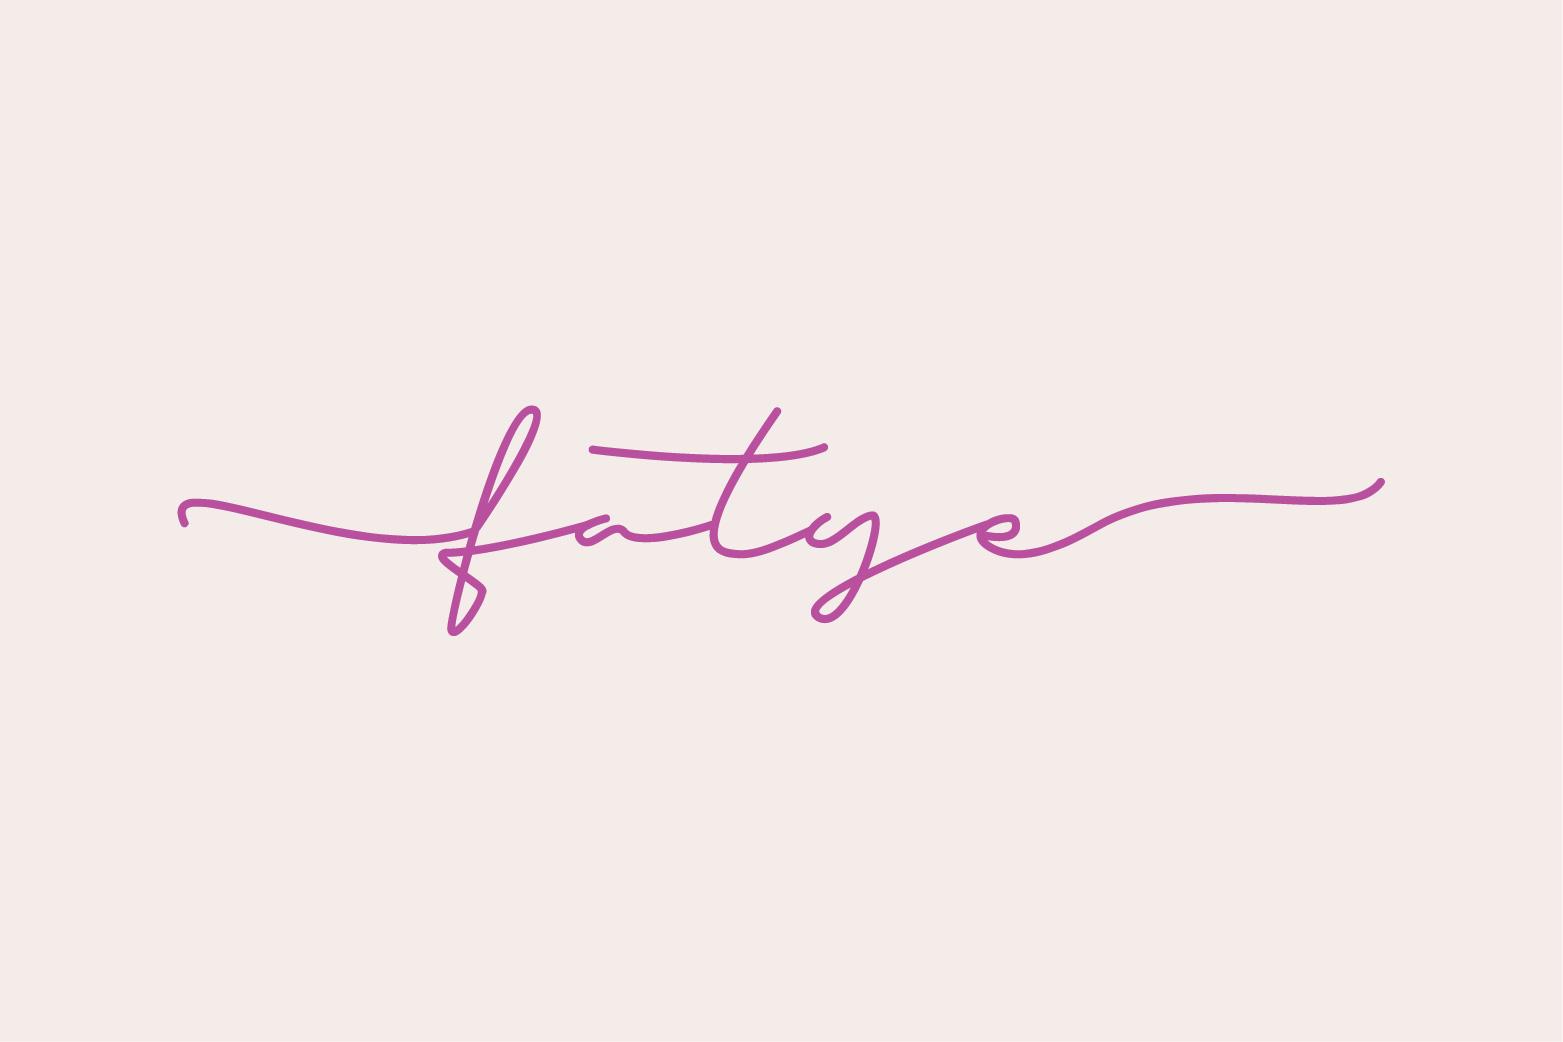 Fatye example image 1